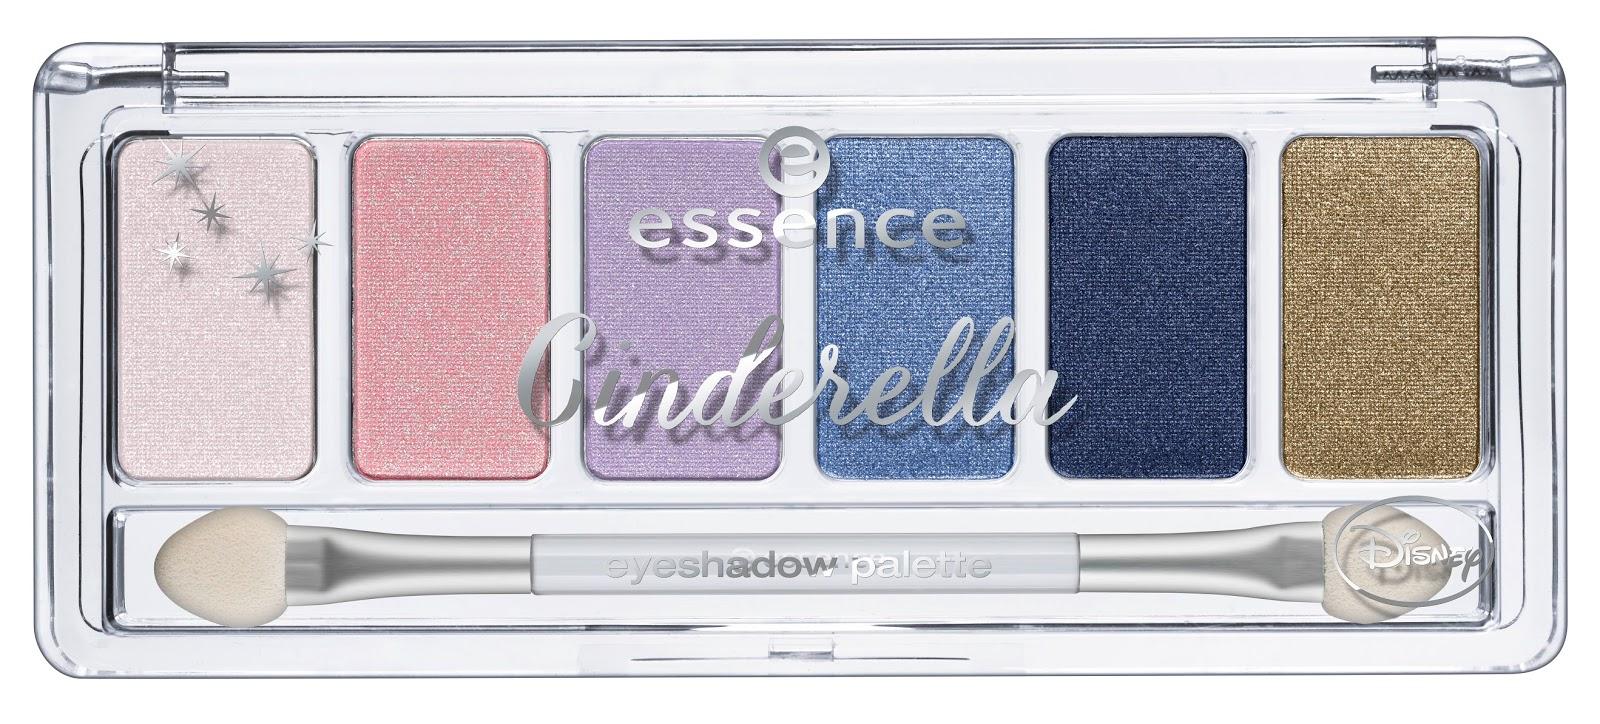 Cinderella eyeshadow palette